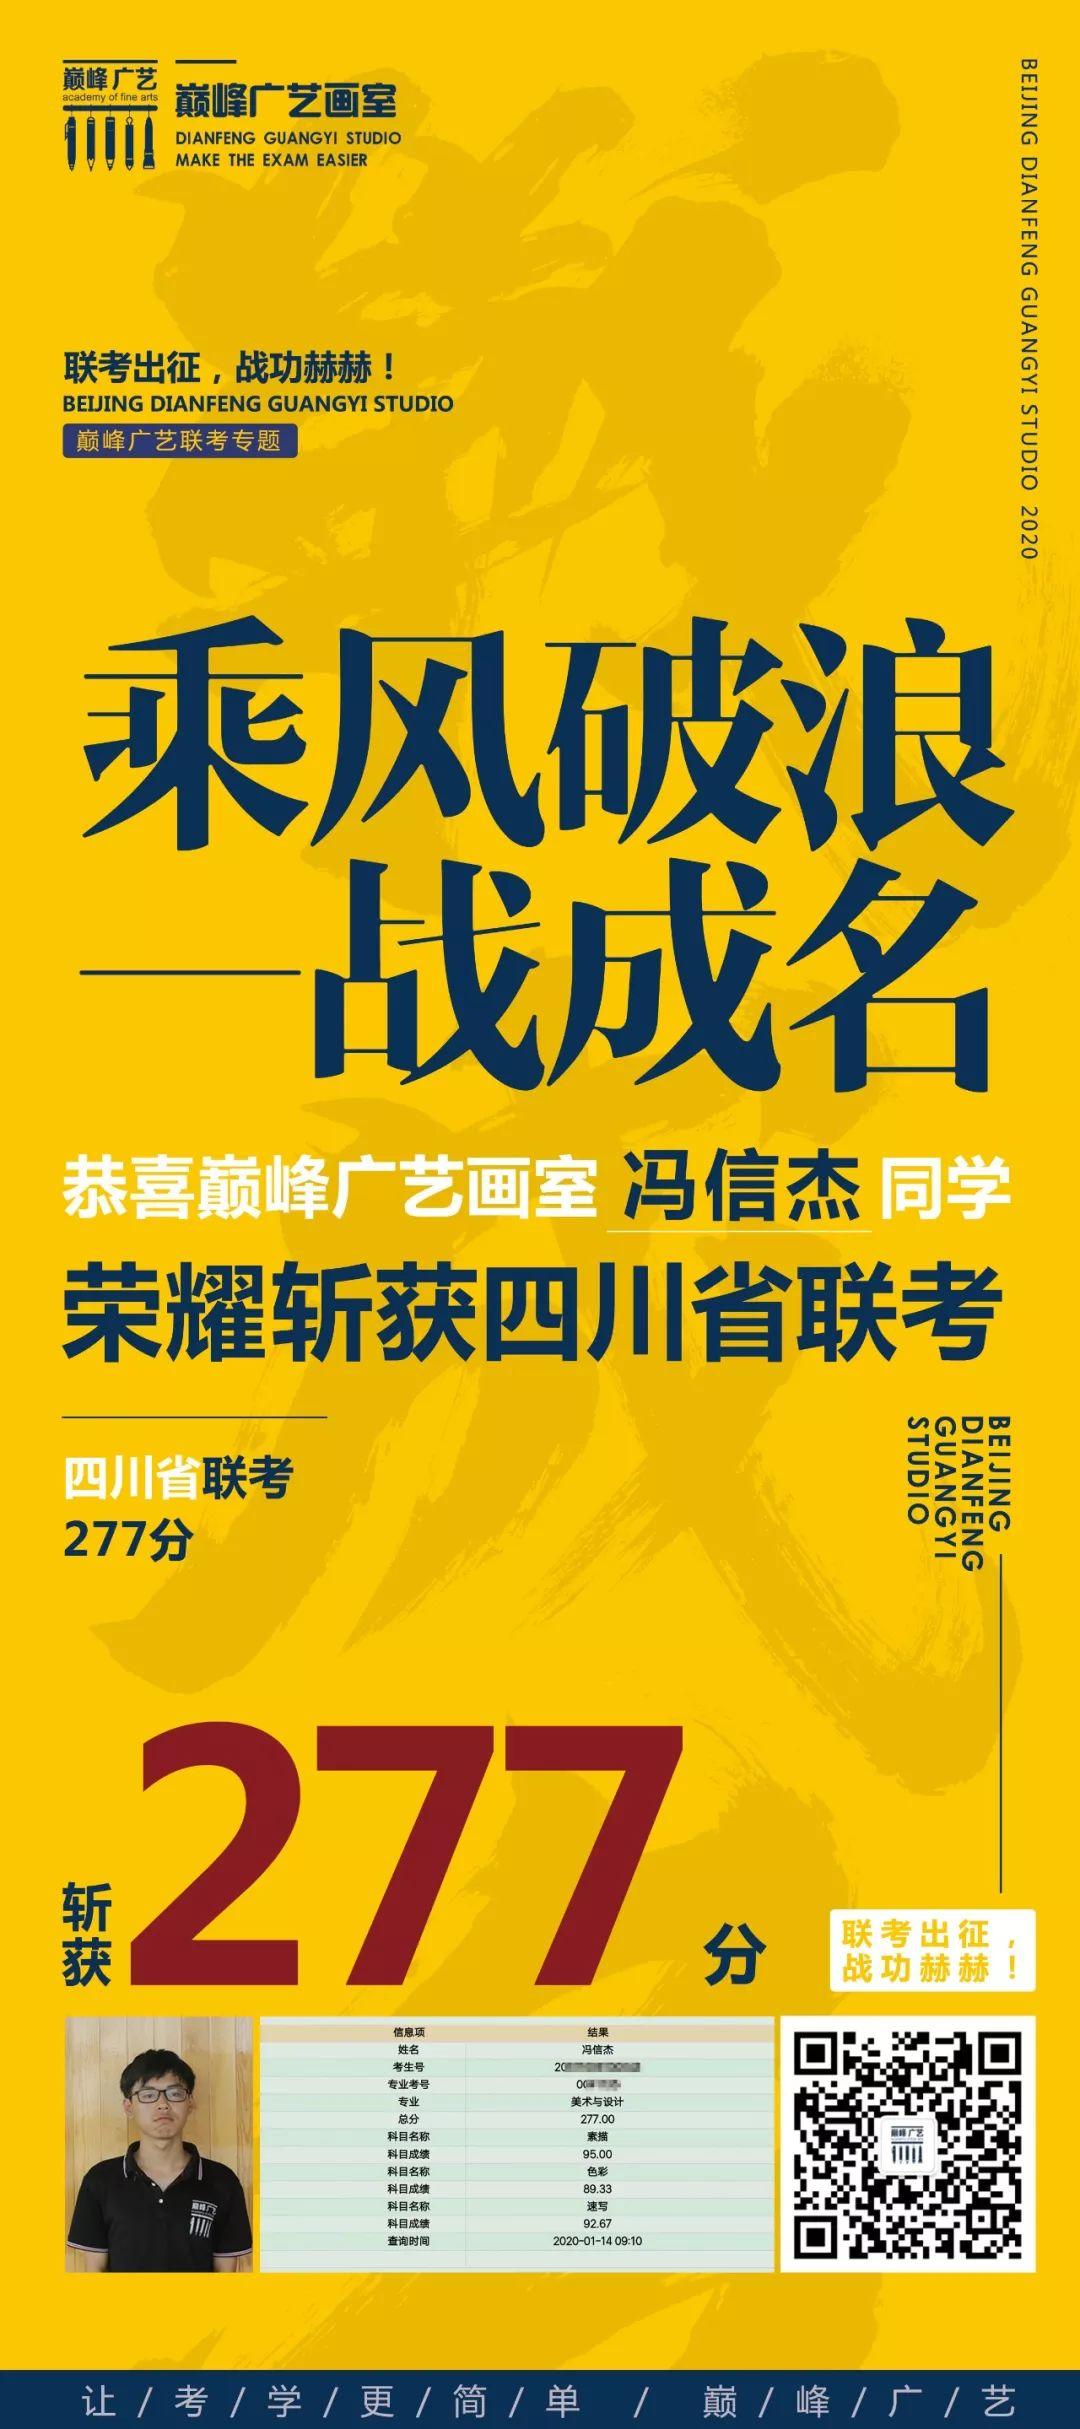 美术联考战绩,北京巅峰广艺画室,北京美术联考      03